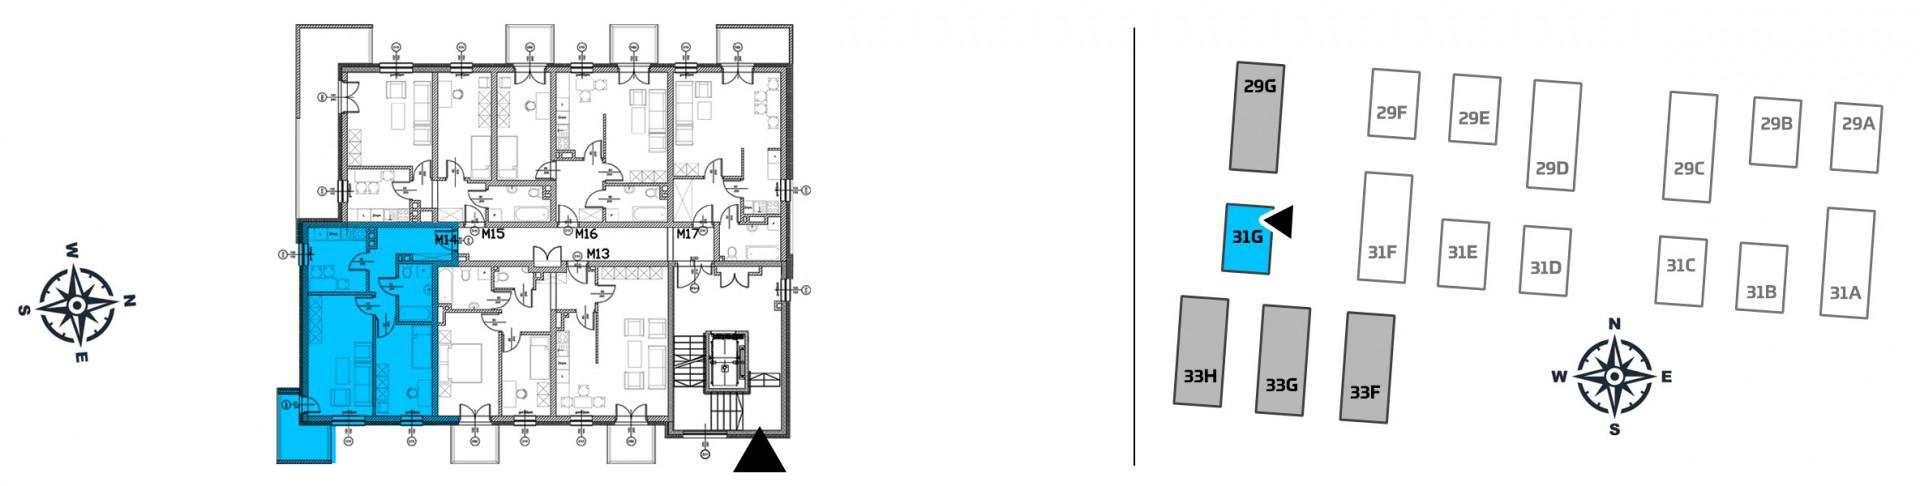 Mieszkanie dwupokojowe 31G/14 rzut 2